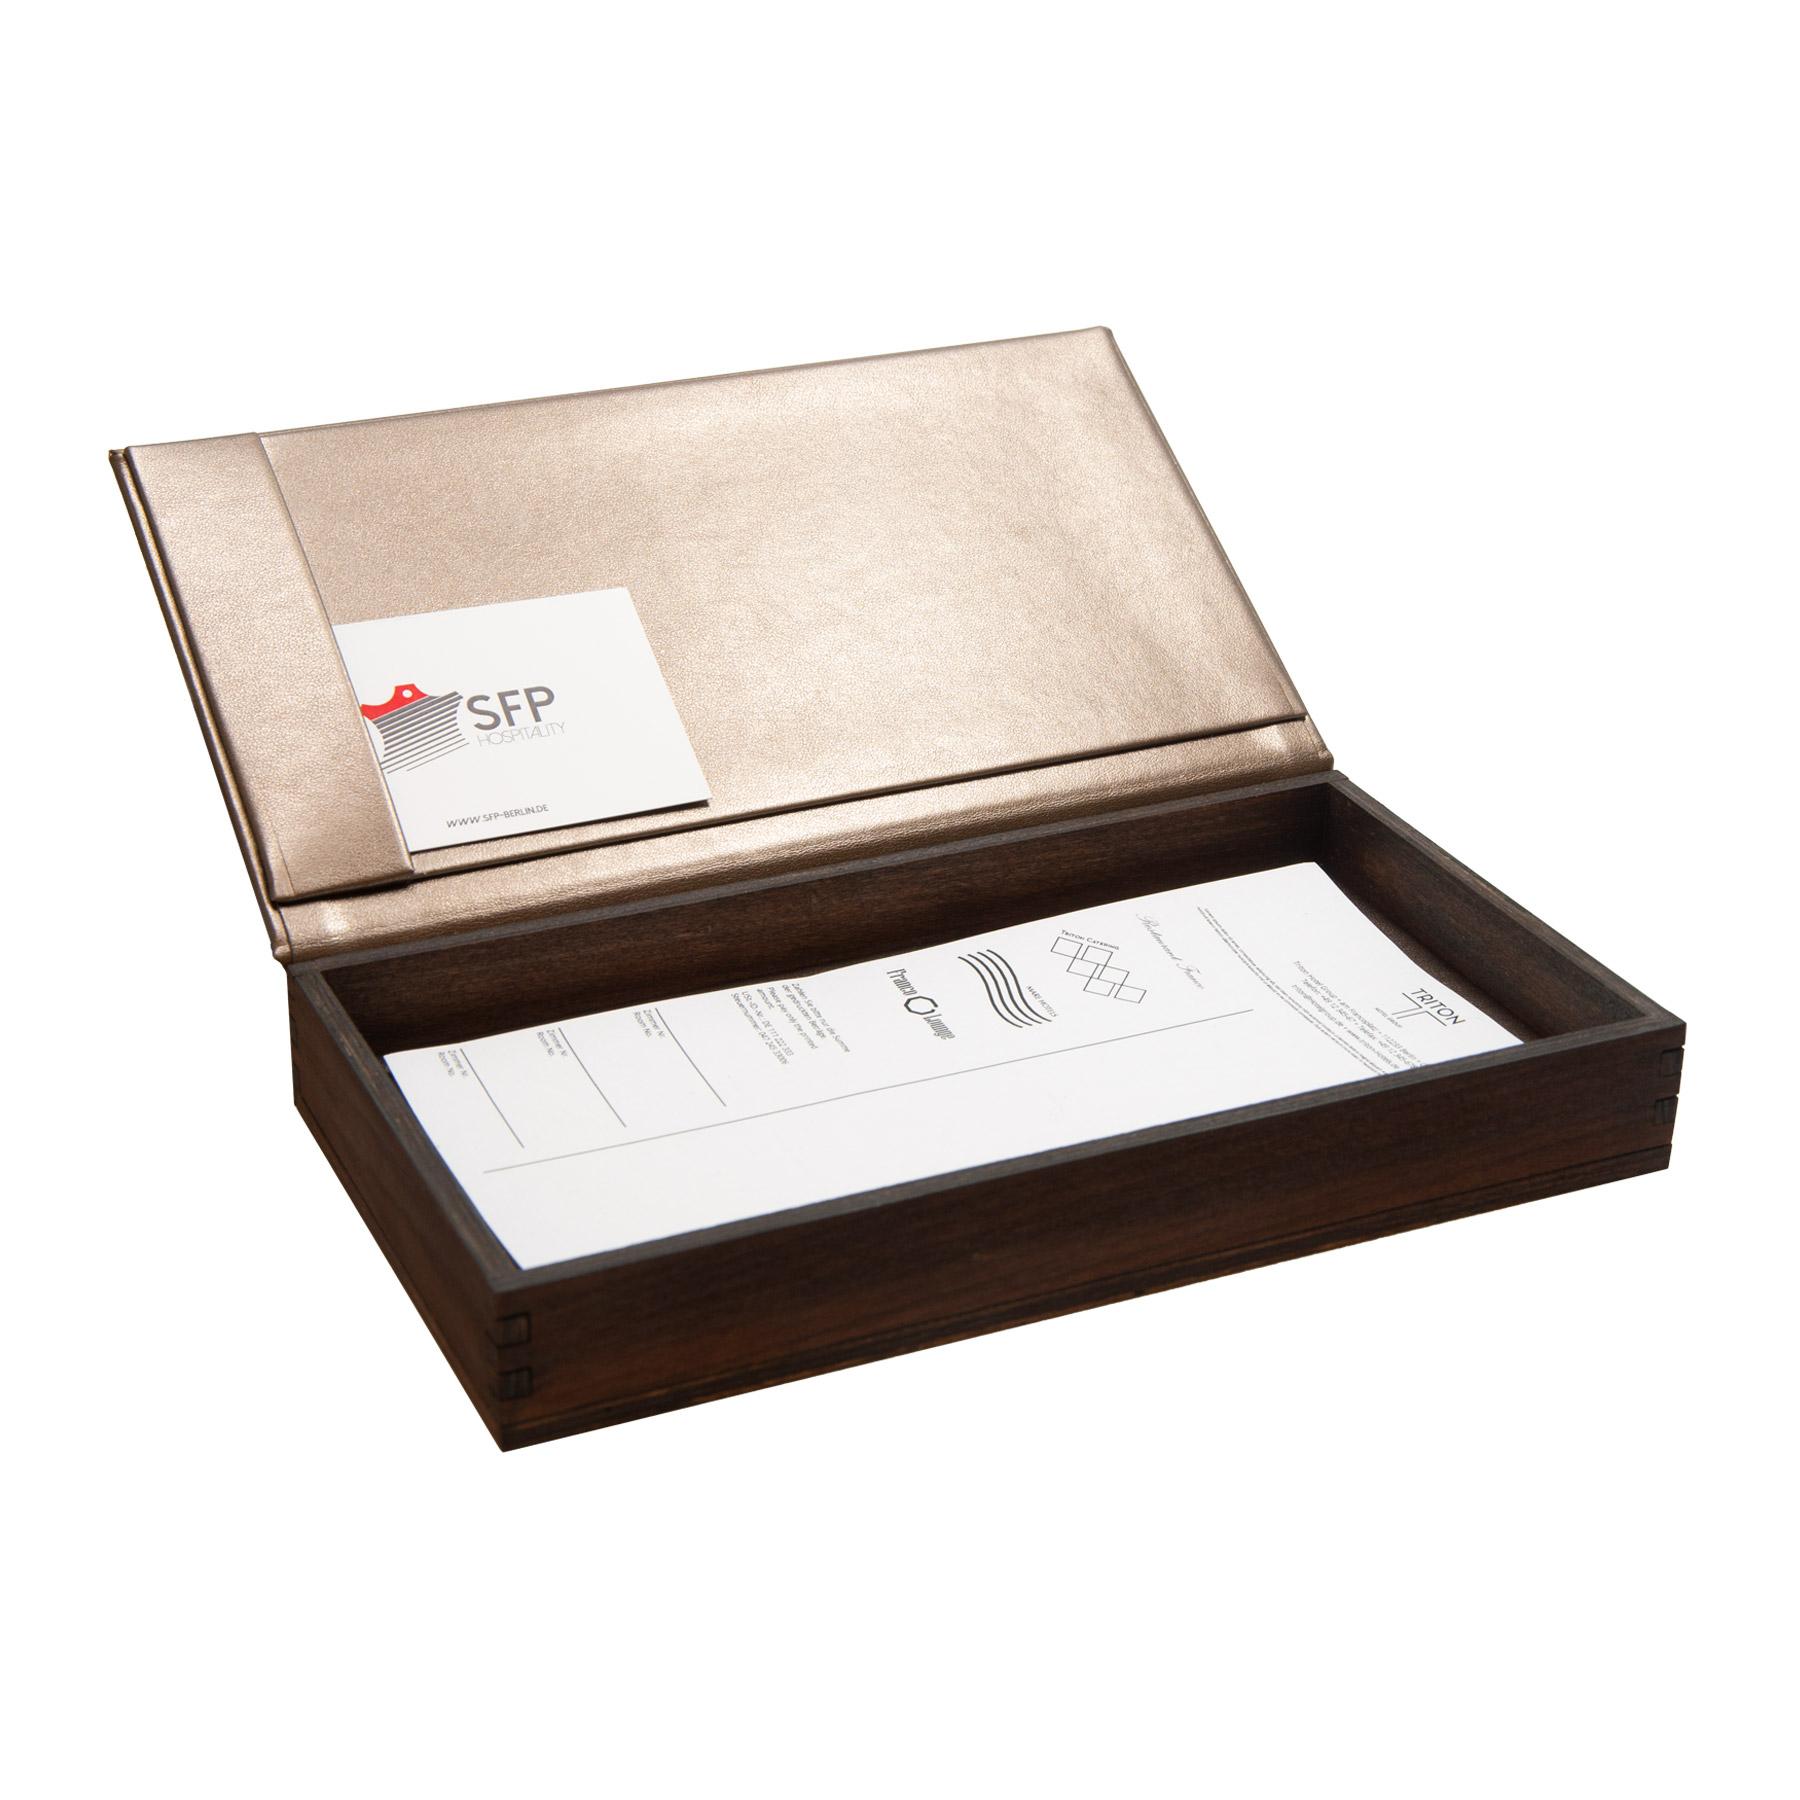 rechnungsbox-metallic-leder